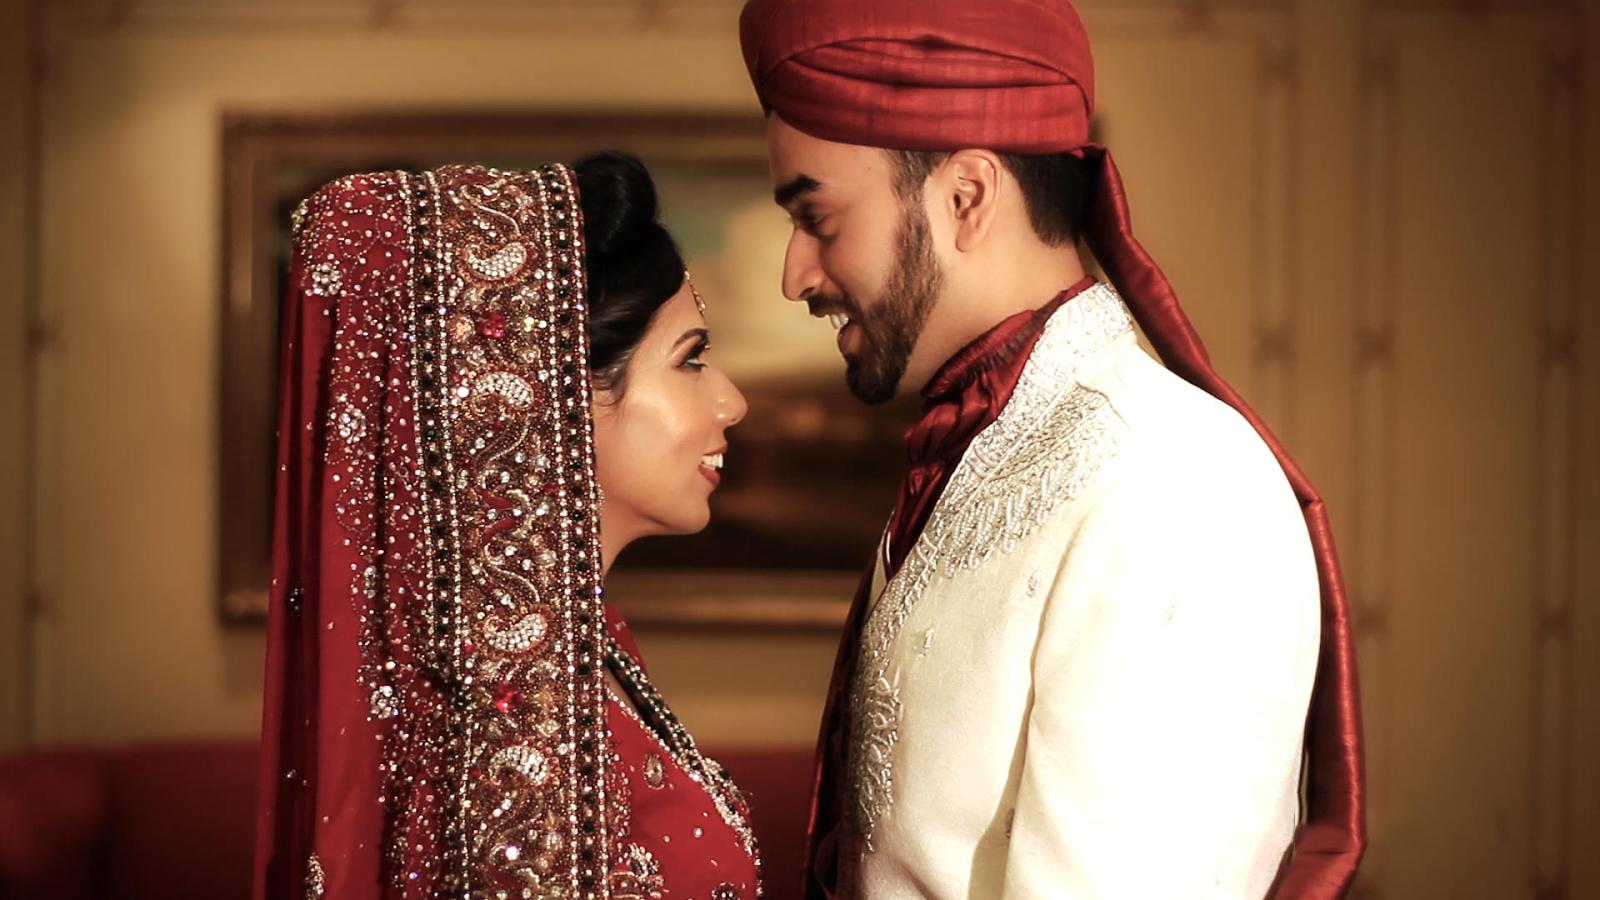 100+ Muslim Marriage Website – yasminroohi